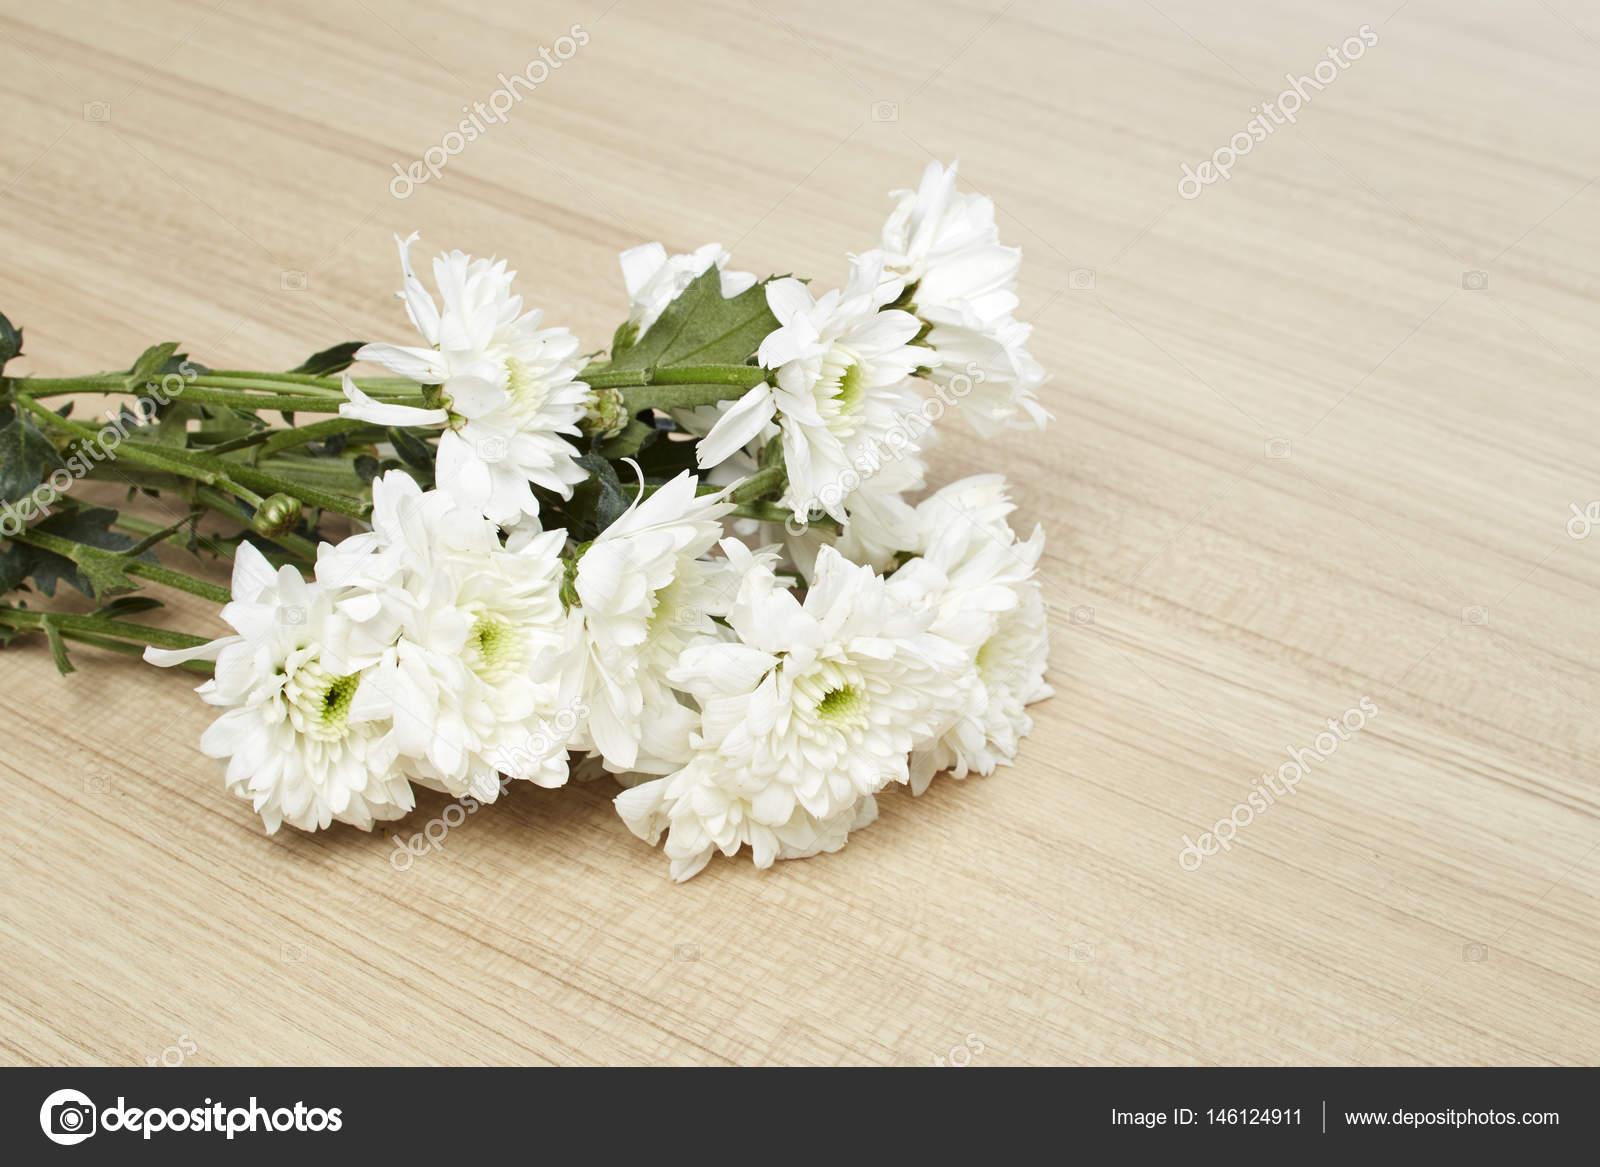 White Chrysanthemum Flowers Stock Photo Pongans68gmail